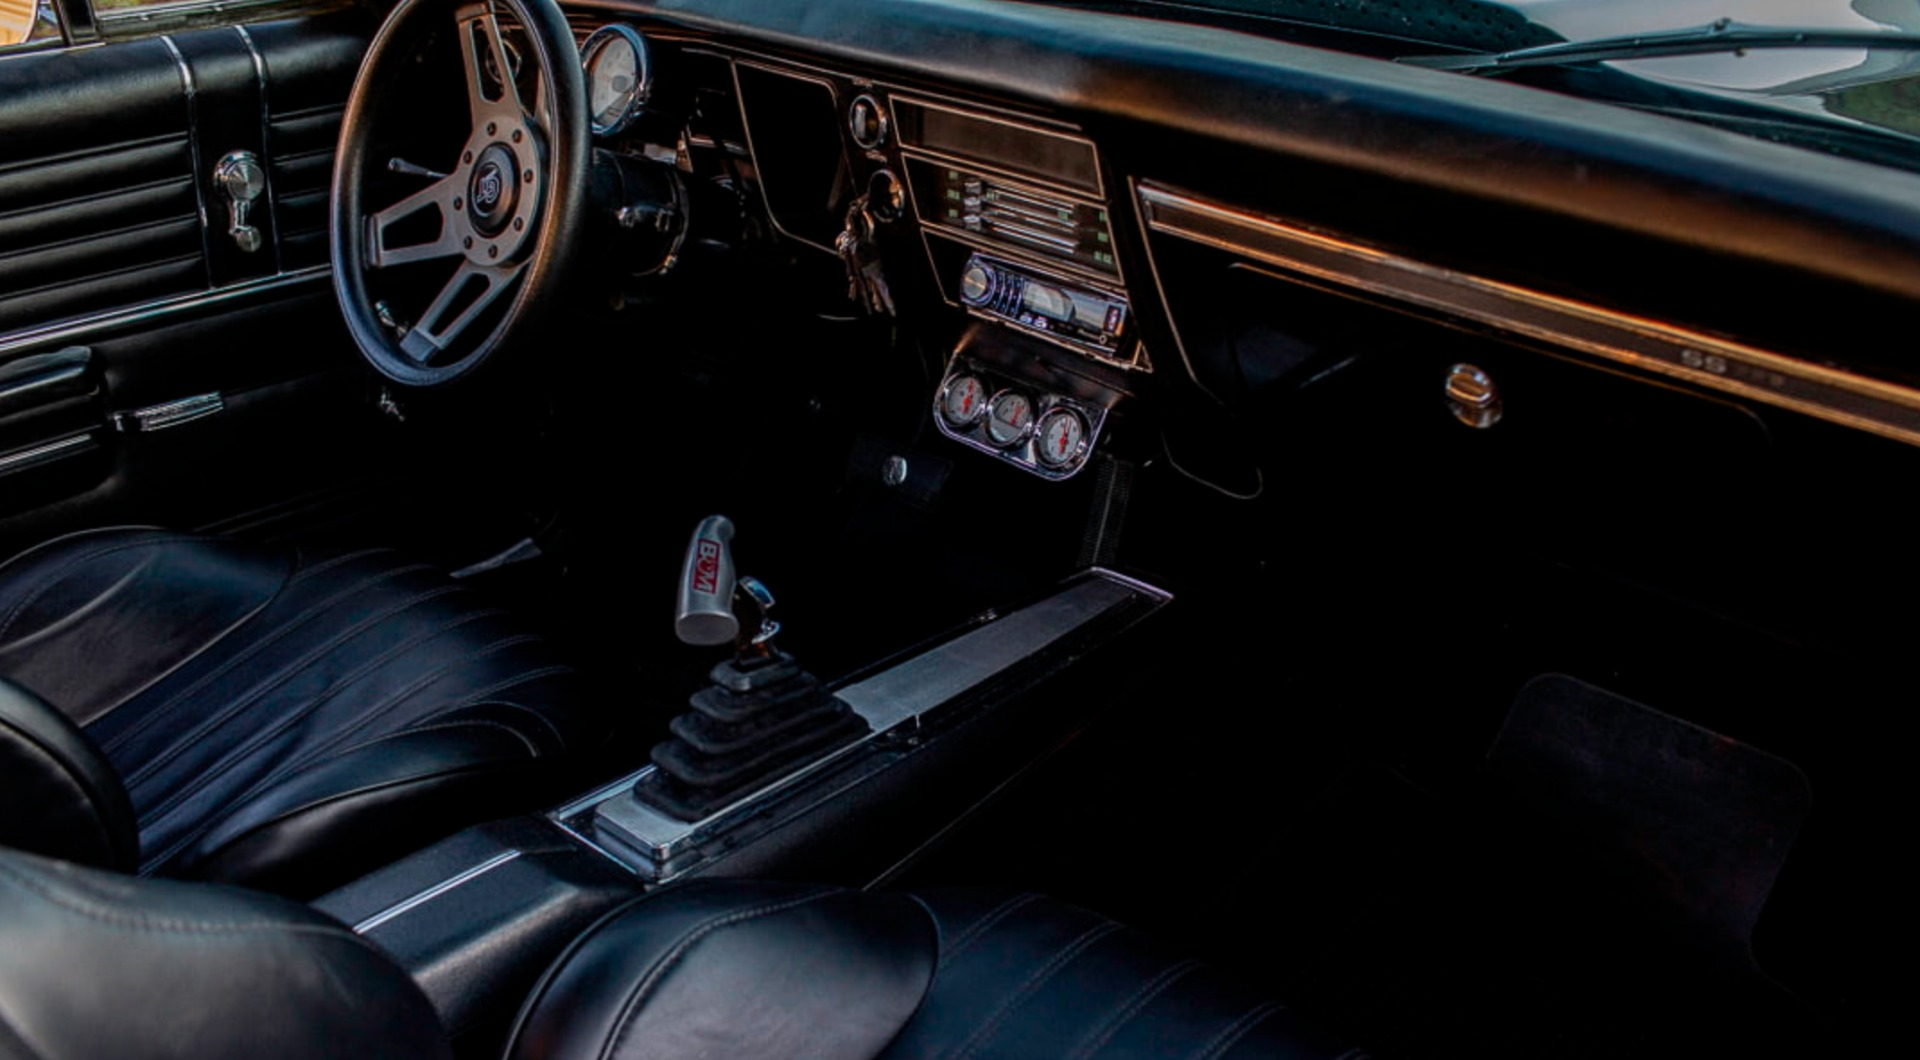 1968 Chevrolet Chevelle -MULTIPLE SHOW WINNER-BIG BLOCK 454